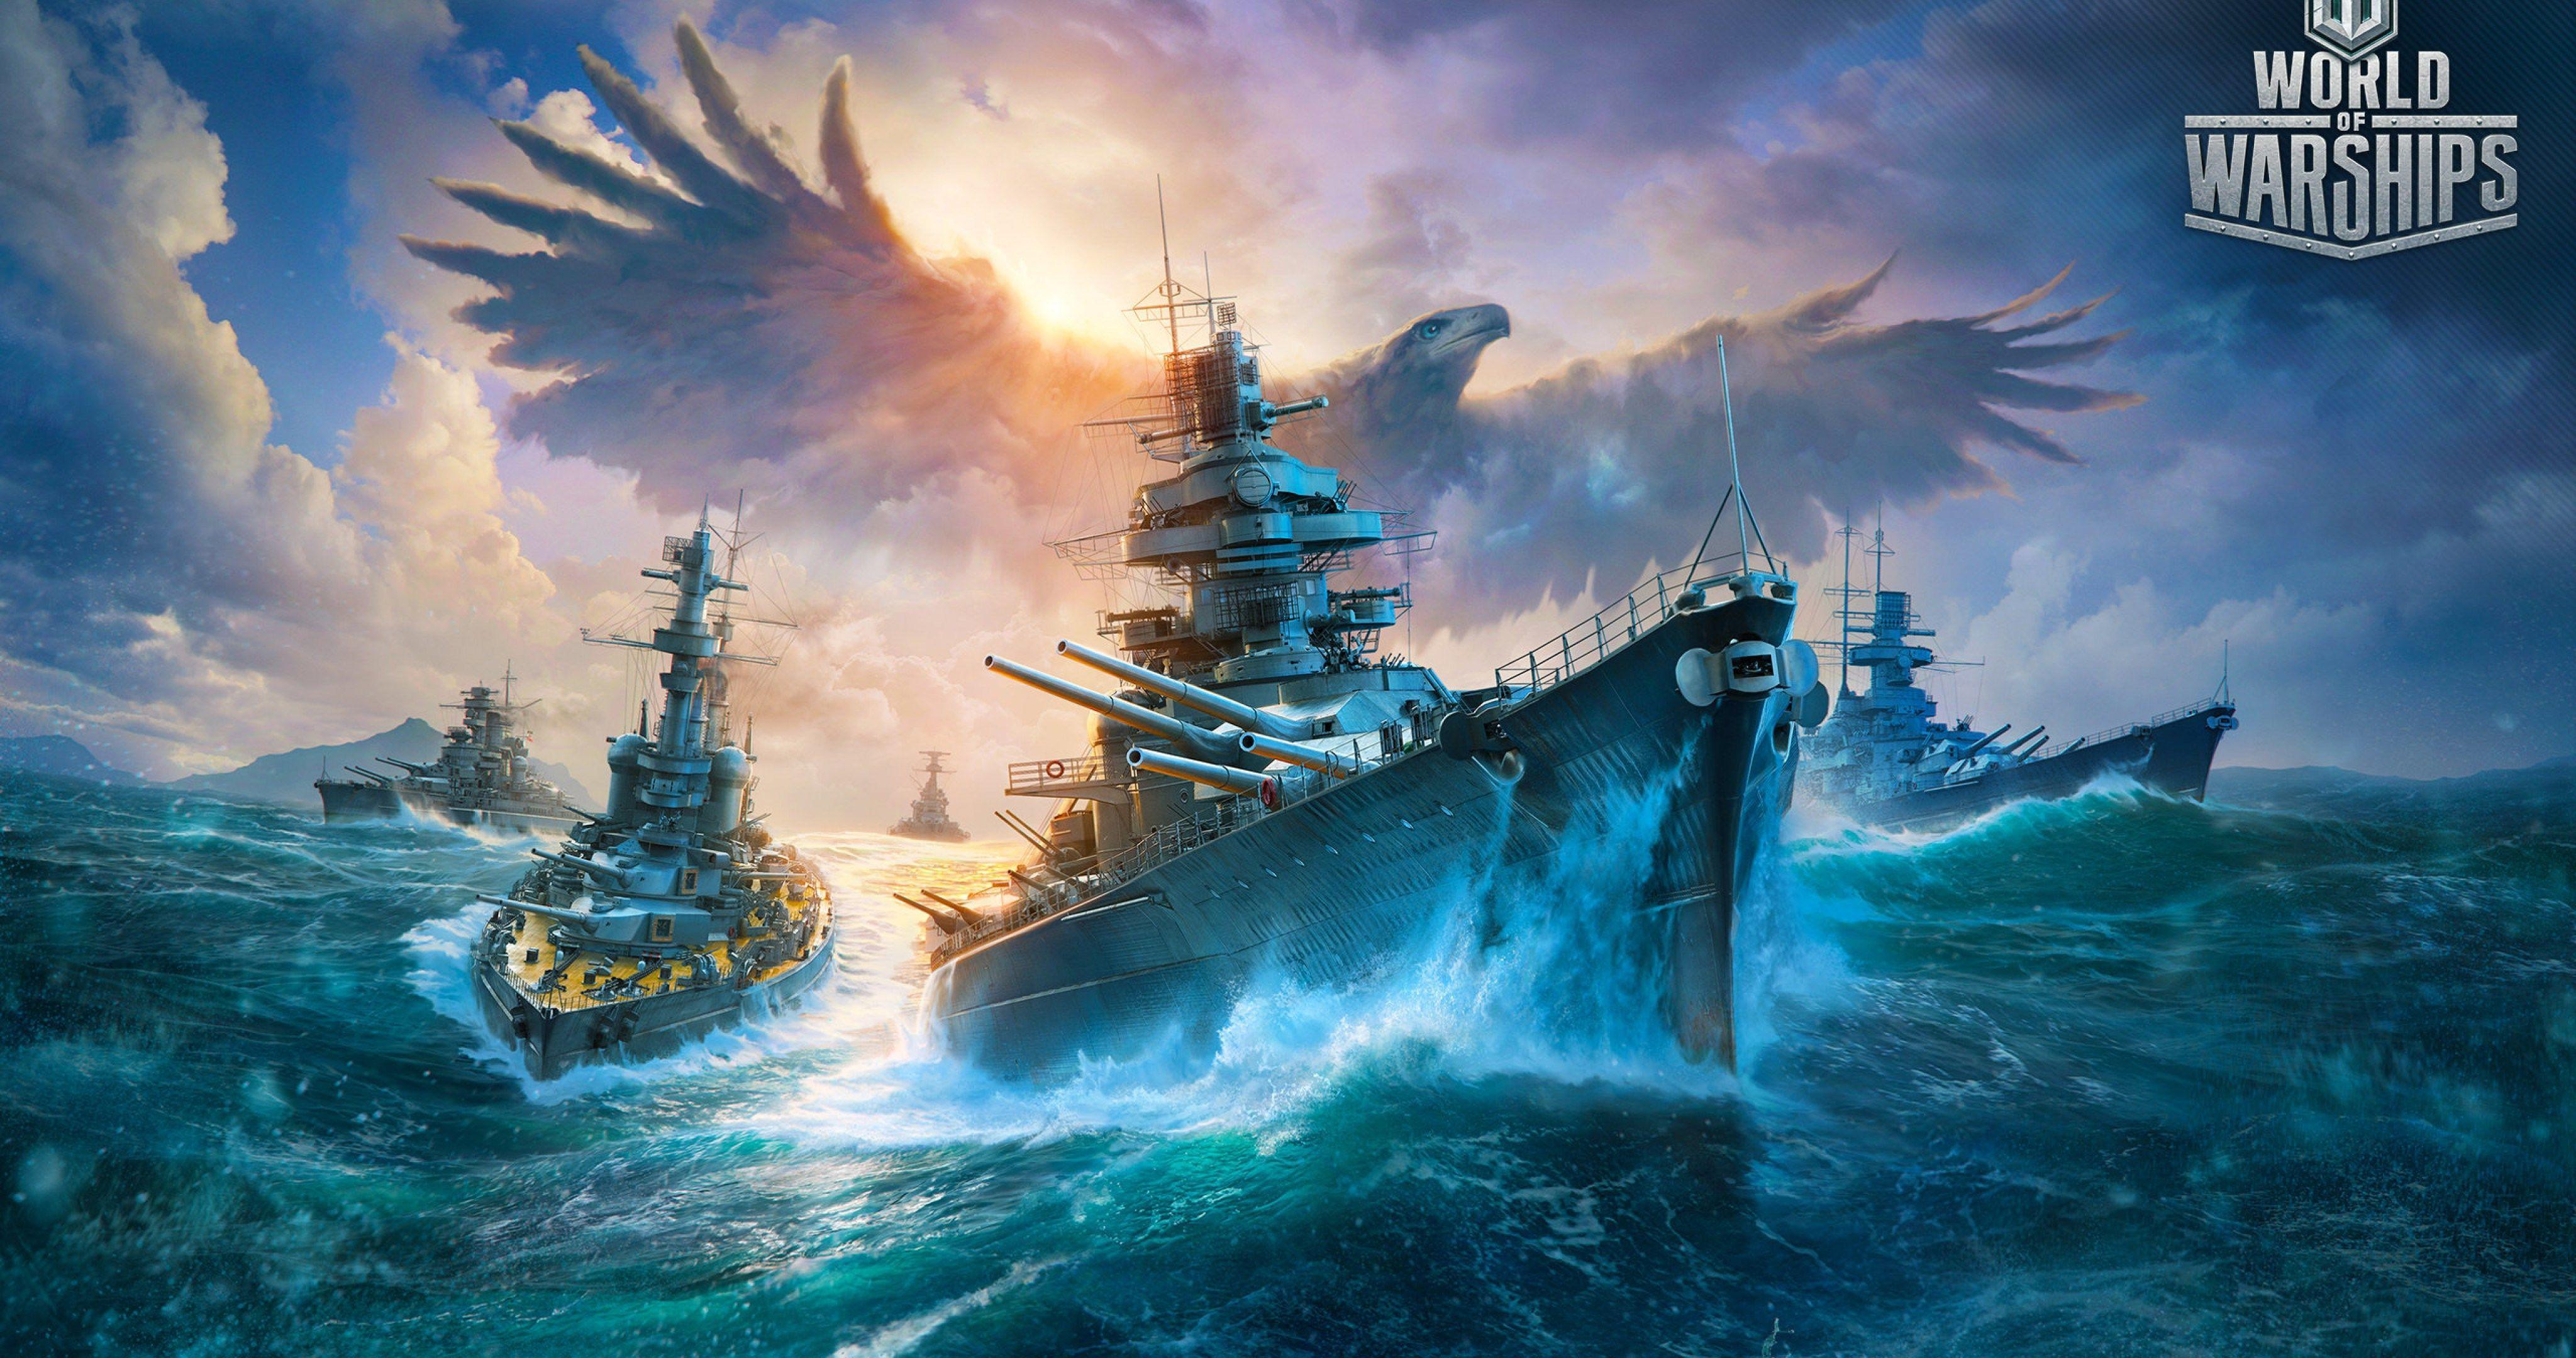 Naval Wallpapers - Top Free Naval ...